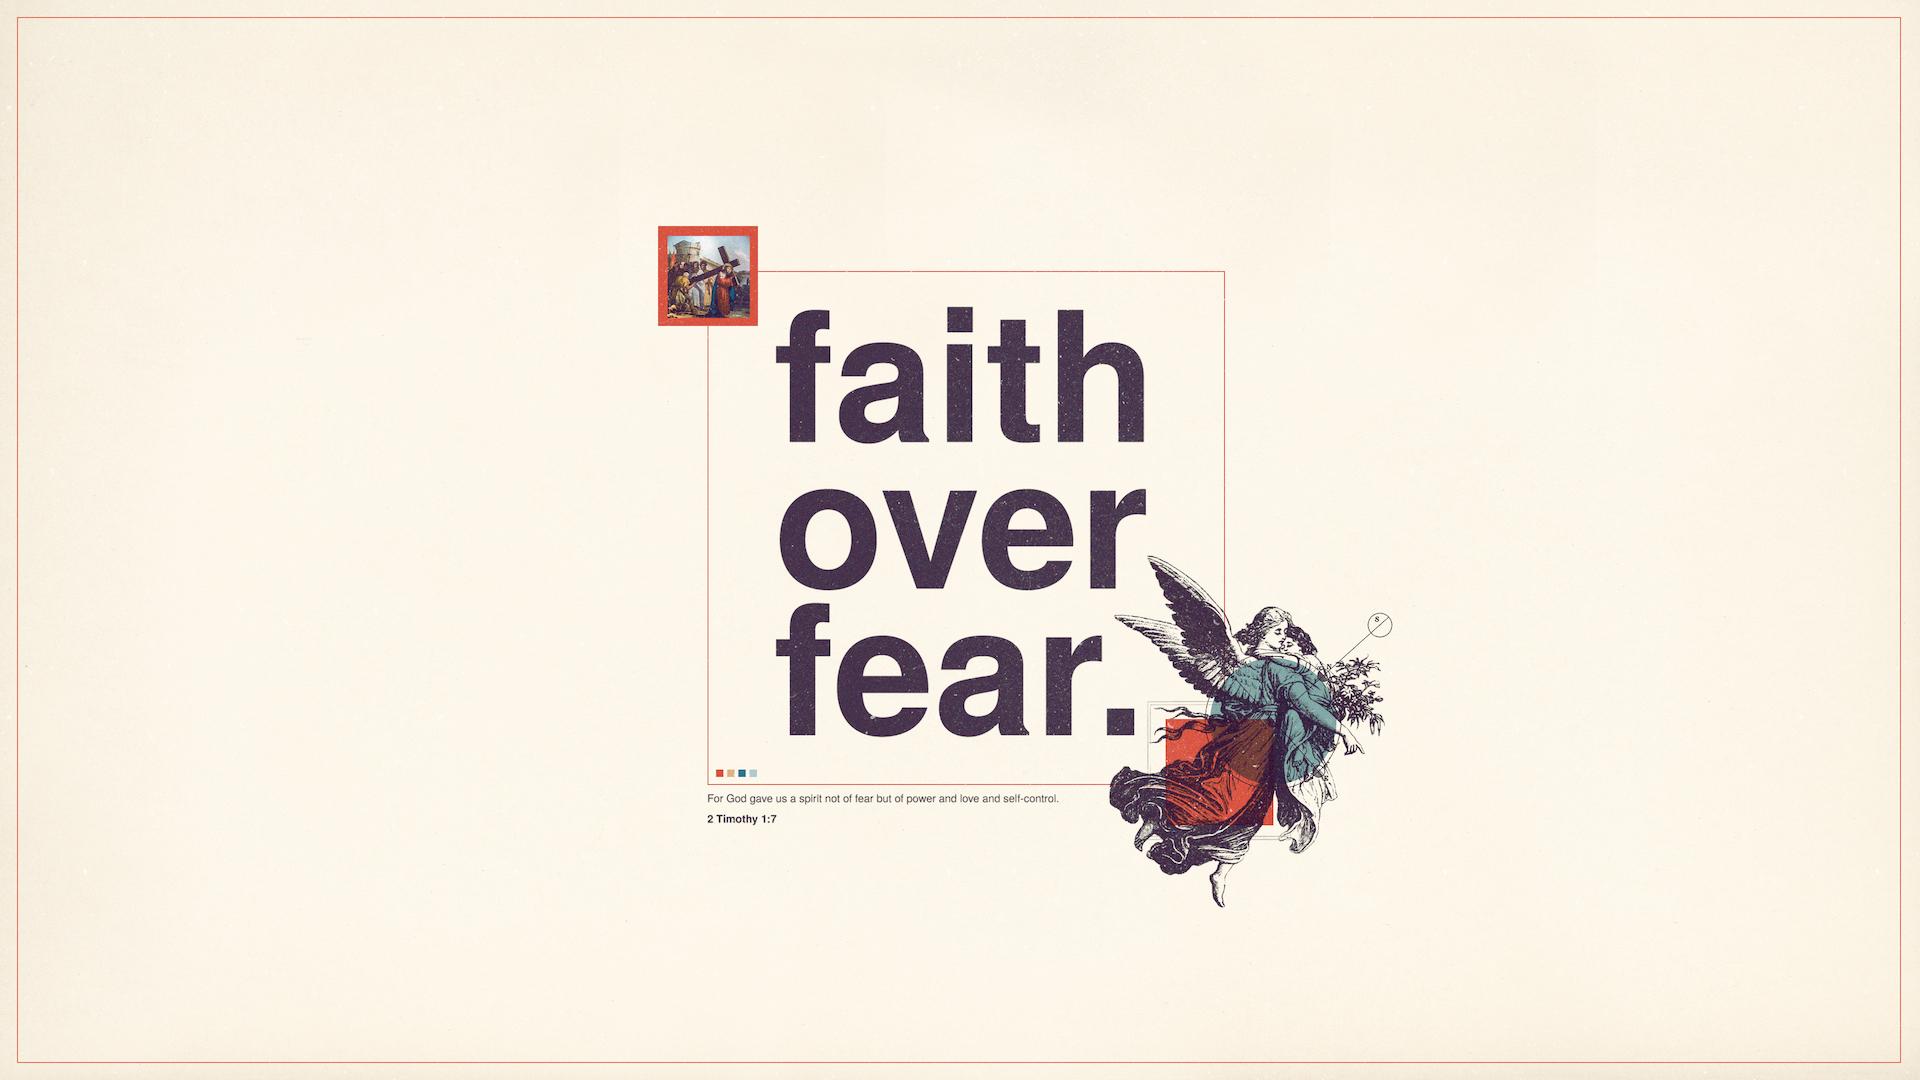 Gospel-Centered Bravery